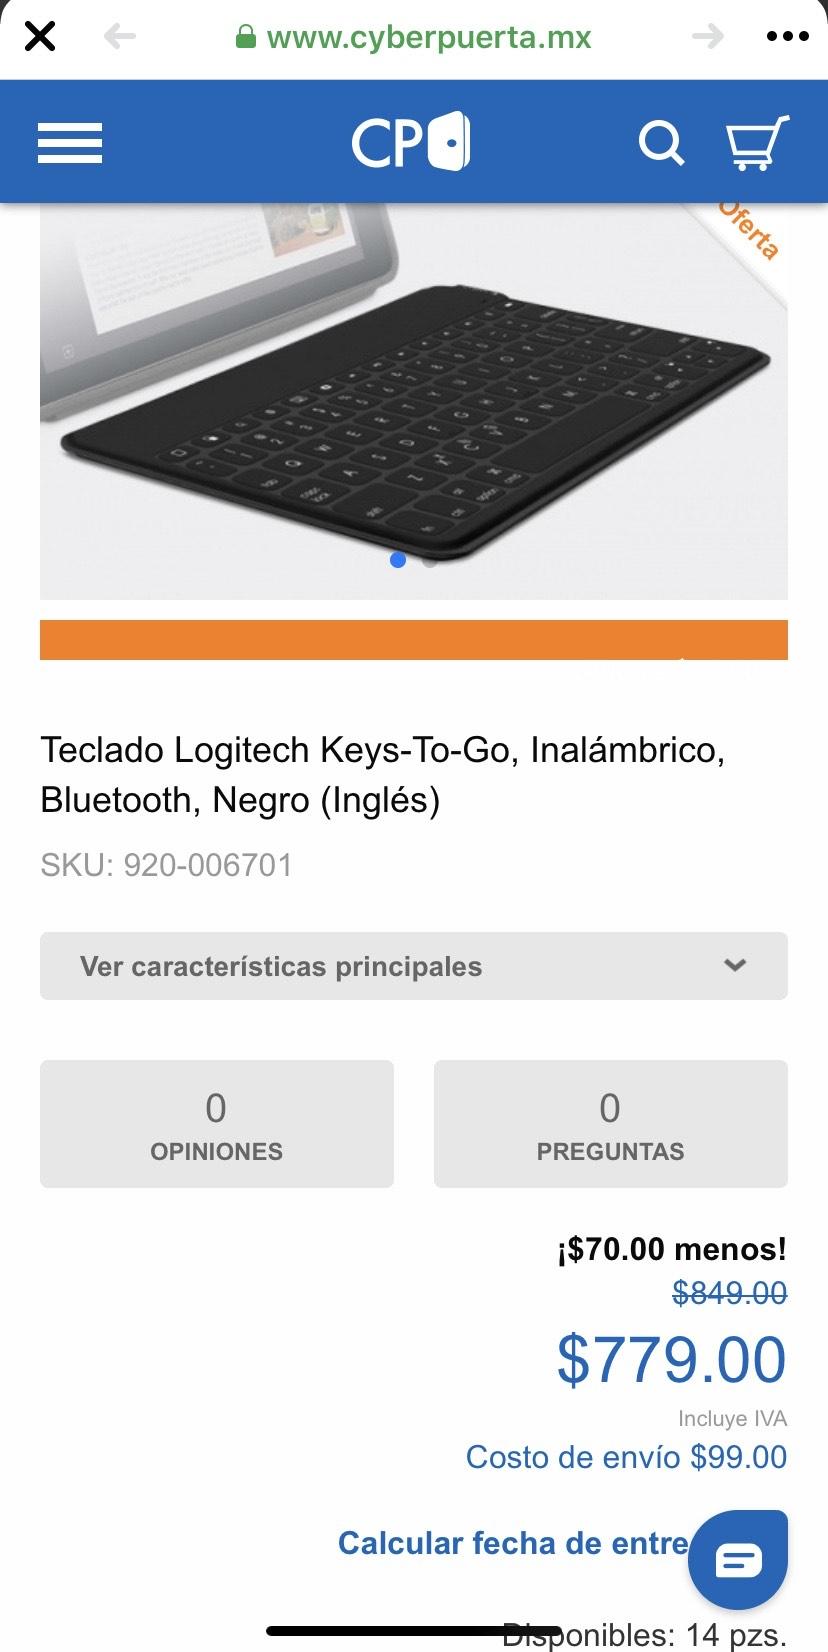 Cyberpuerta: Teclado LOGITECH Keys to go